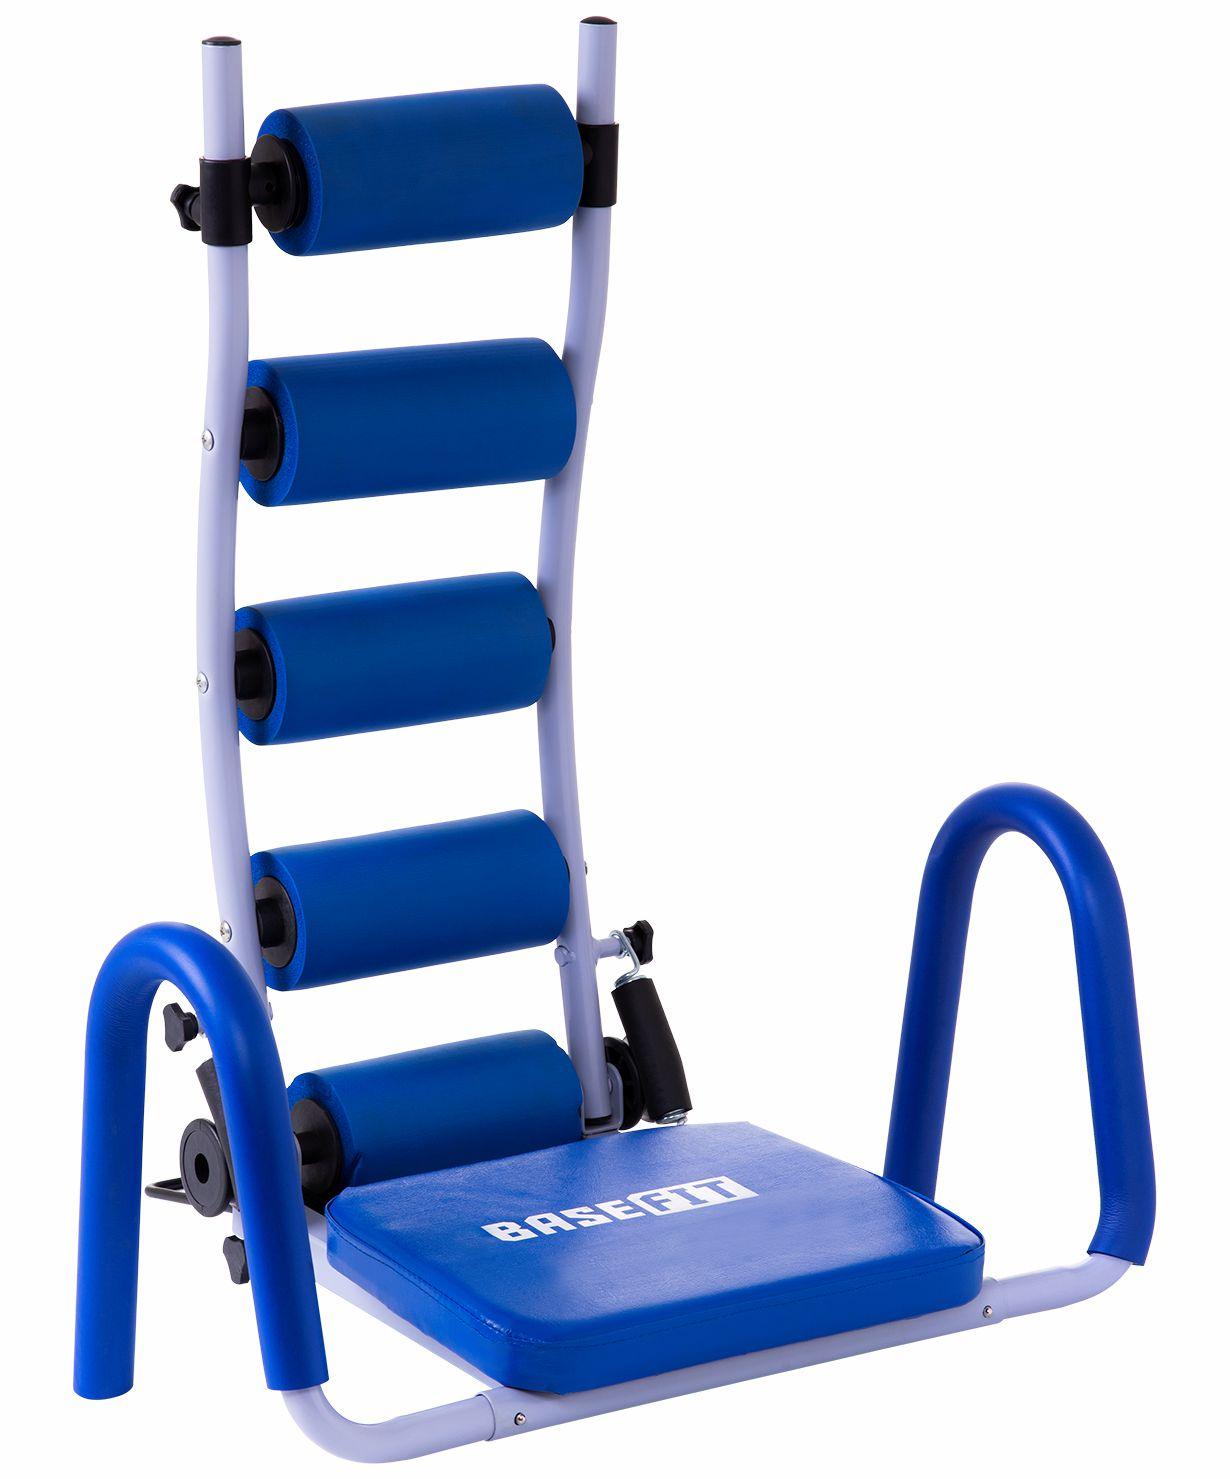 Тренажер для отдельных групп мышц BASEFIT AB Rocket, УТ-00012904, синий цена